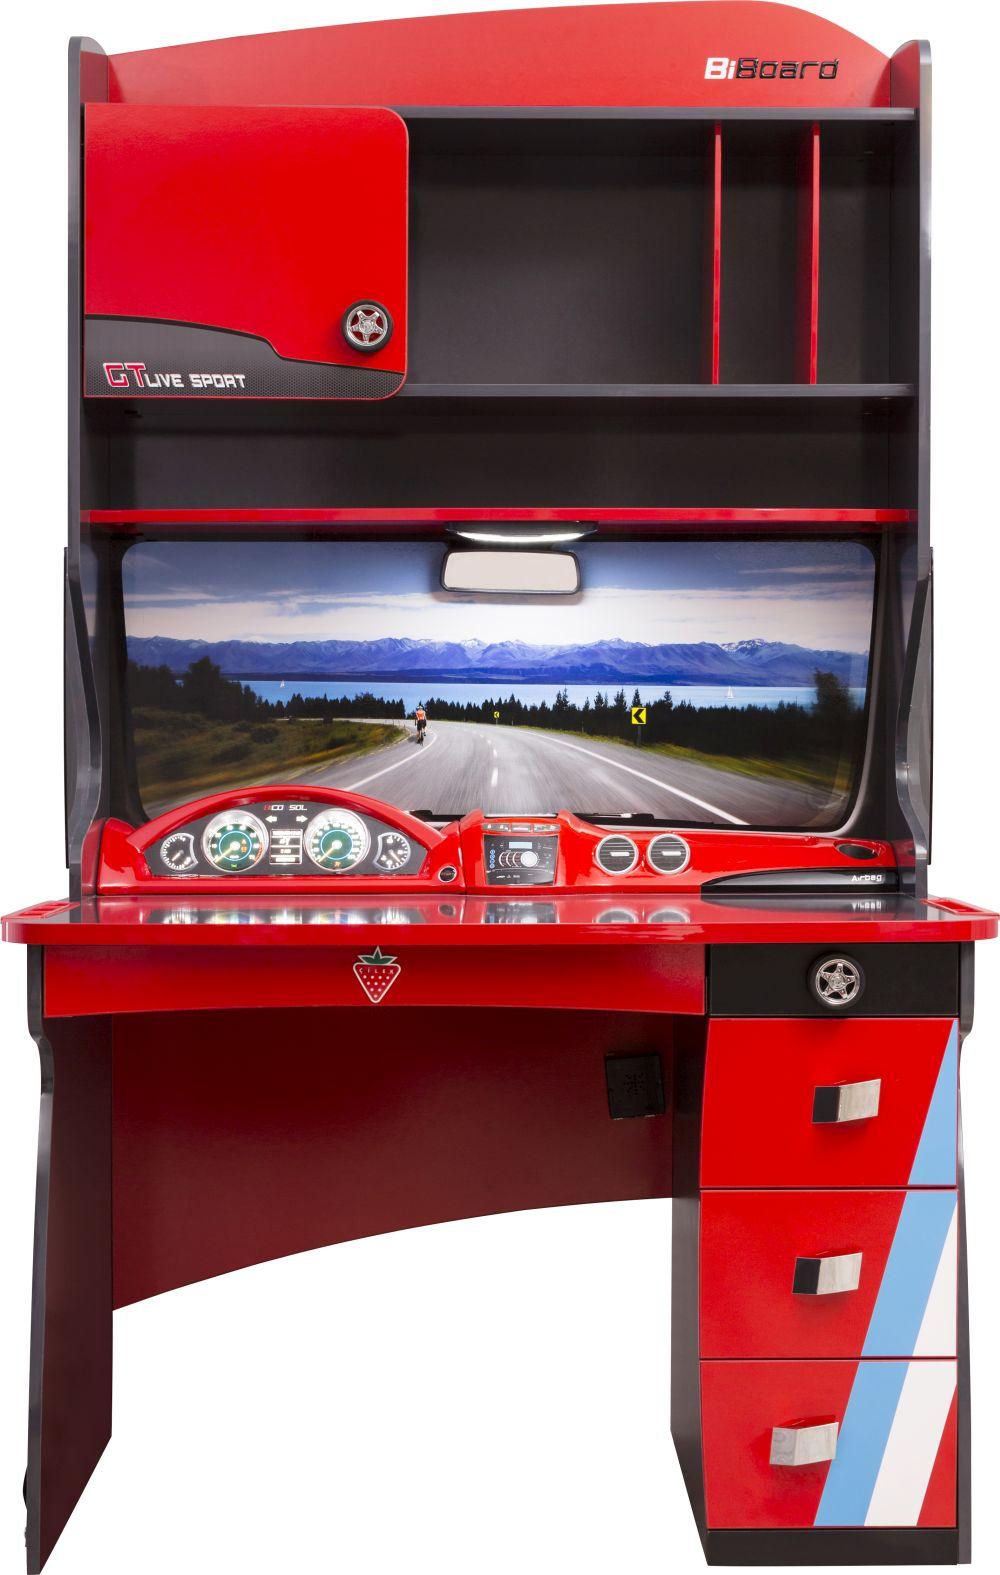 Mobilă de birou Champion Racer, vezi detalii și preț AICI